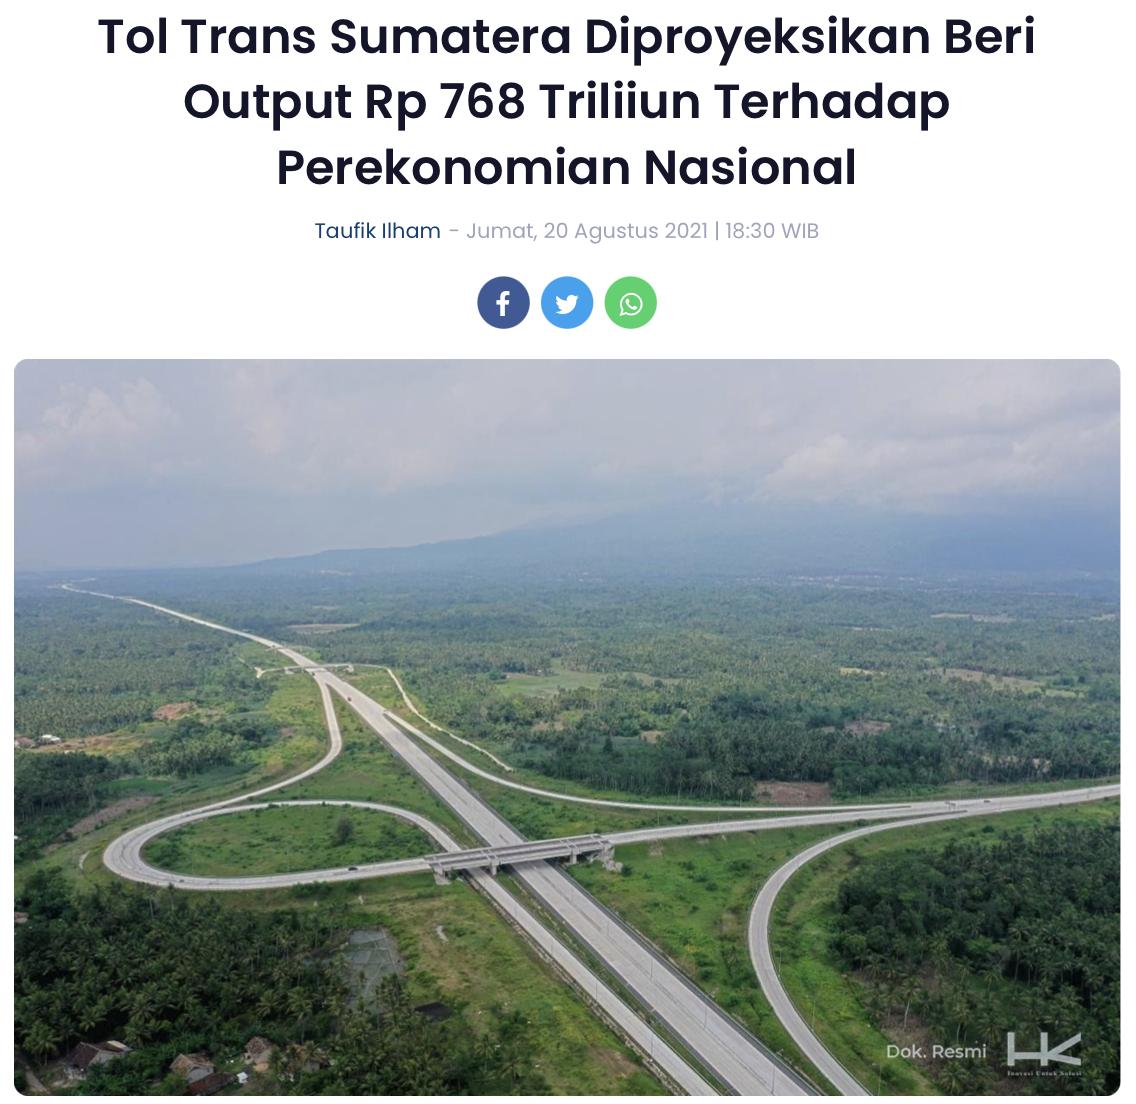 Tol Trans Sumatera Diproyeksikan Beri Output Rp 768 Triliiun Terhadap Perekonomian Nasional